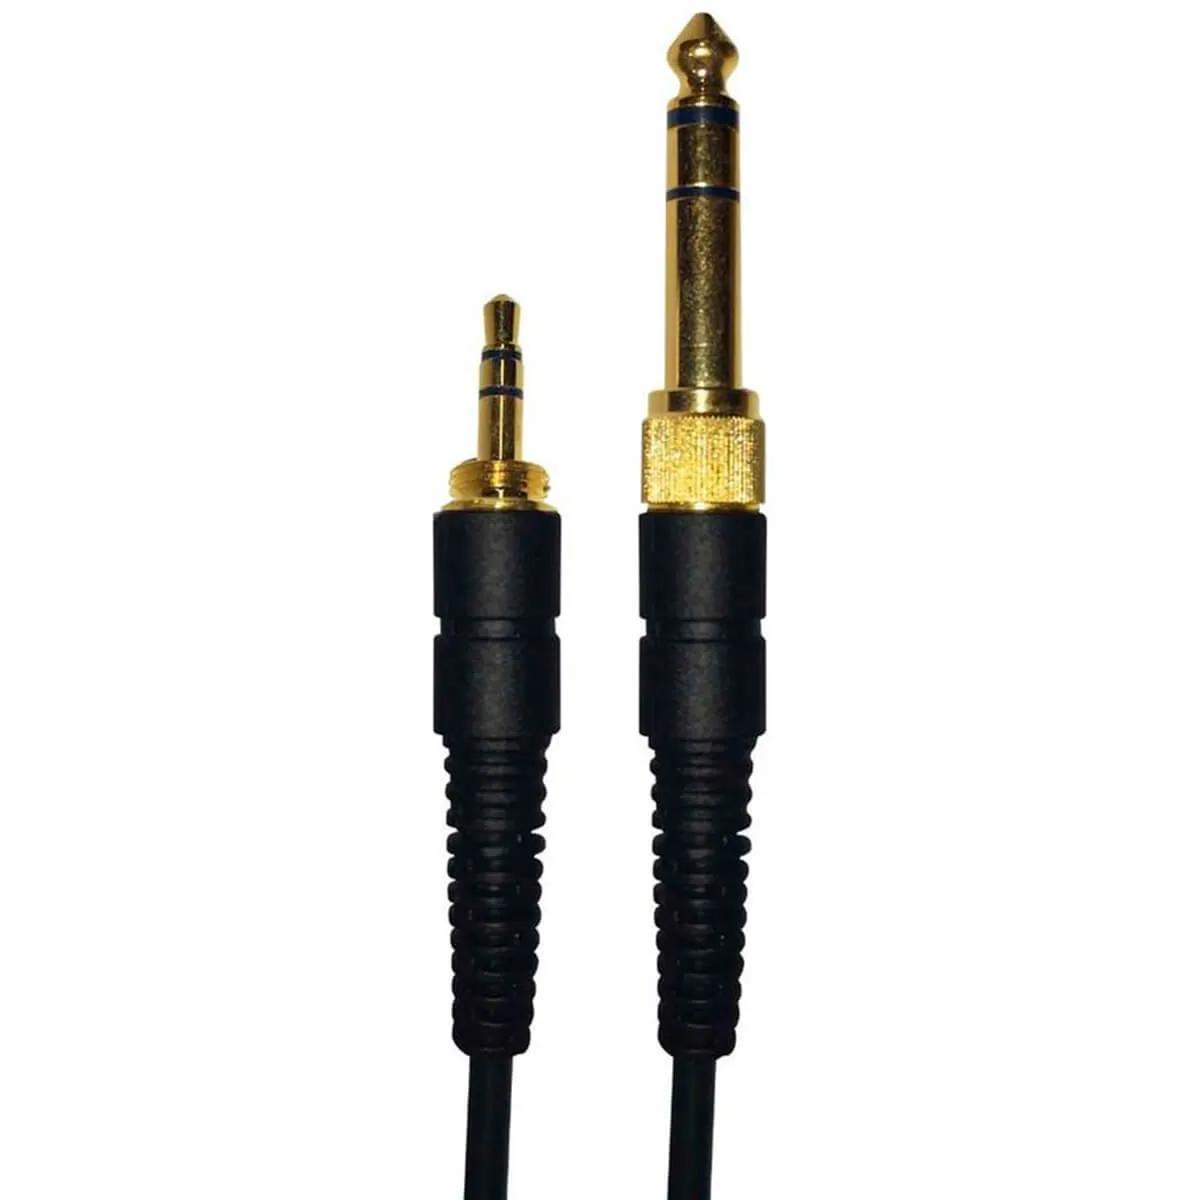 Fone de Ouvido Profissional Rad Audio RD200 para Monitoração